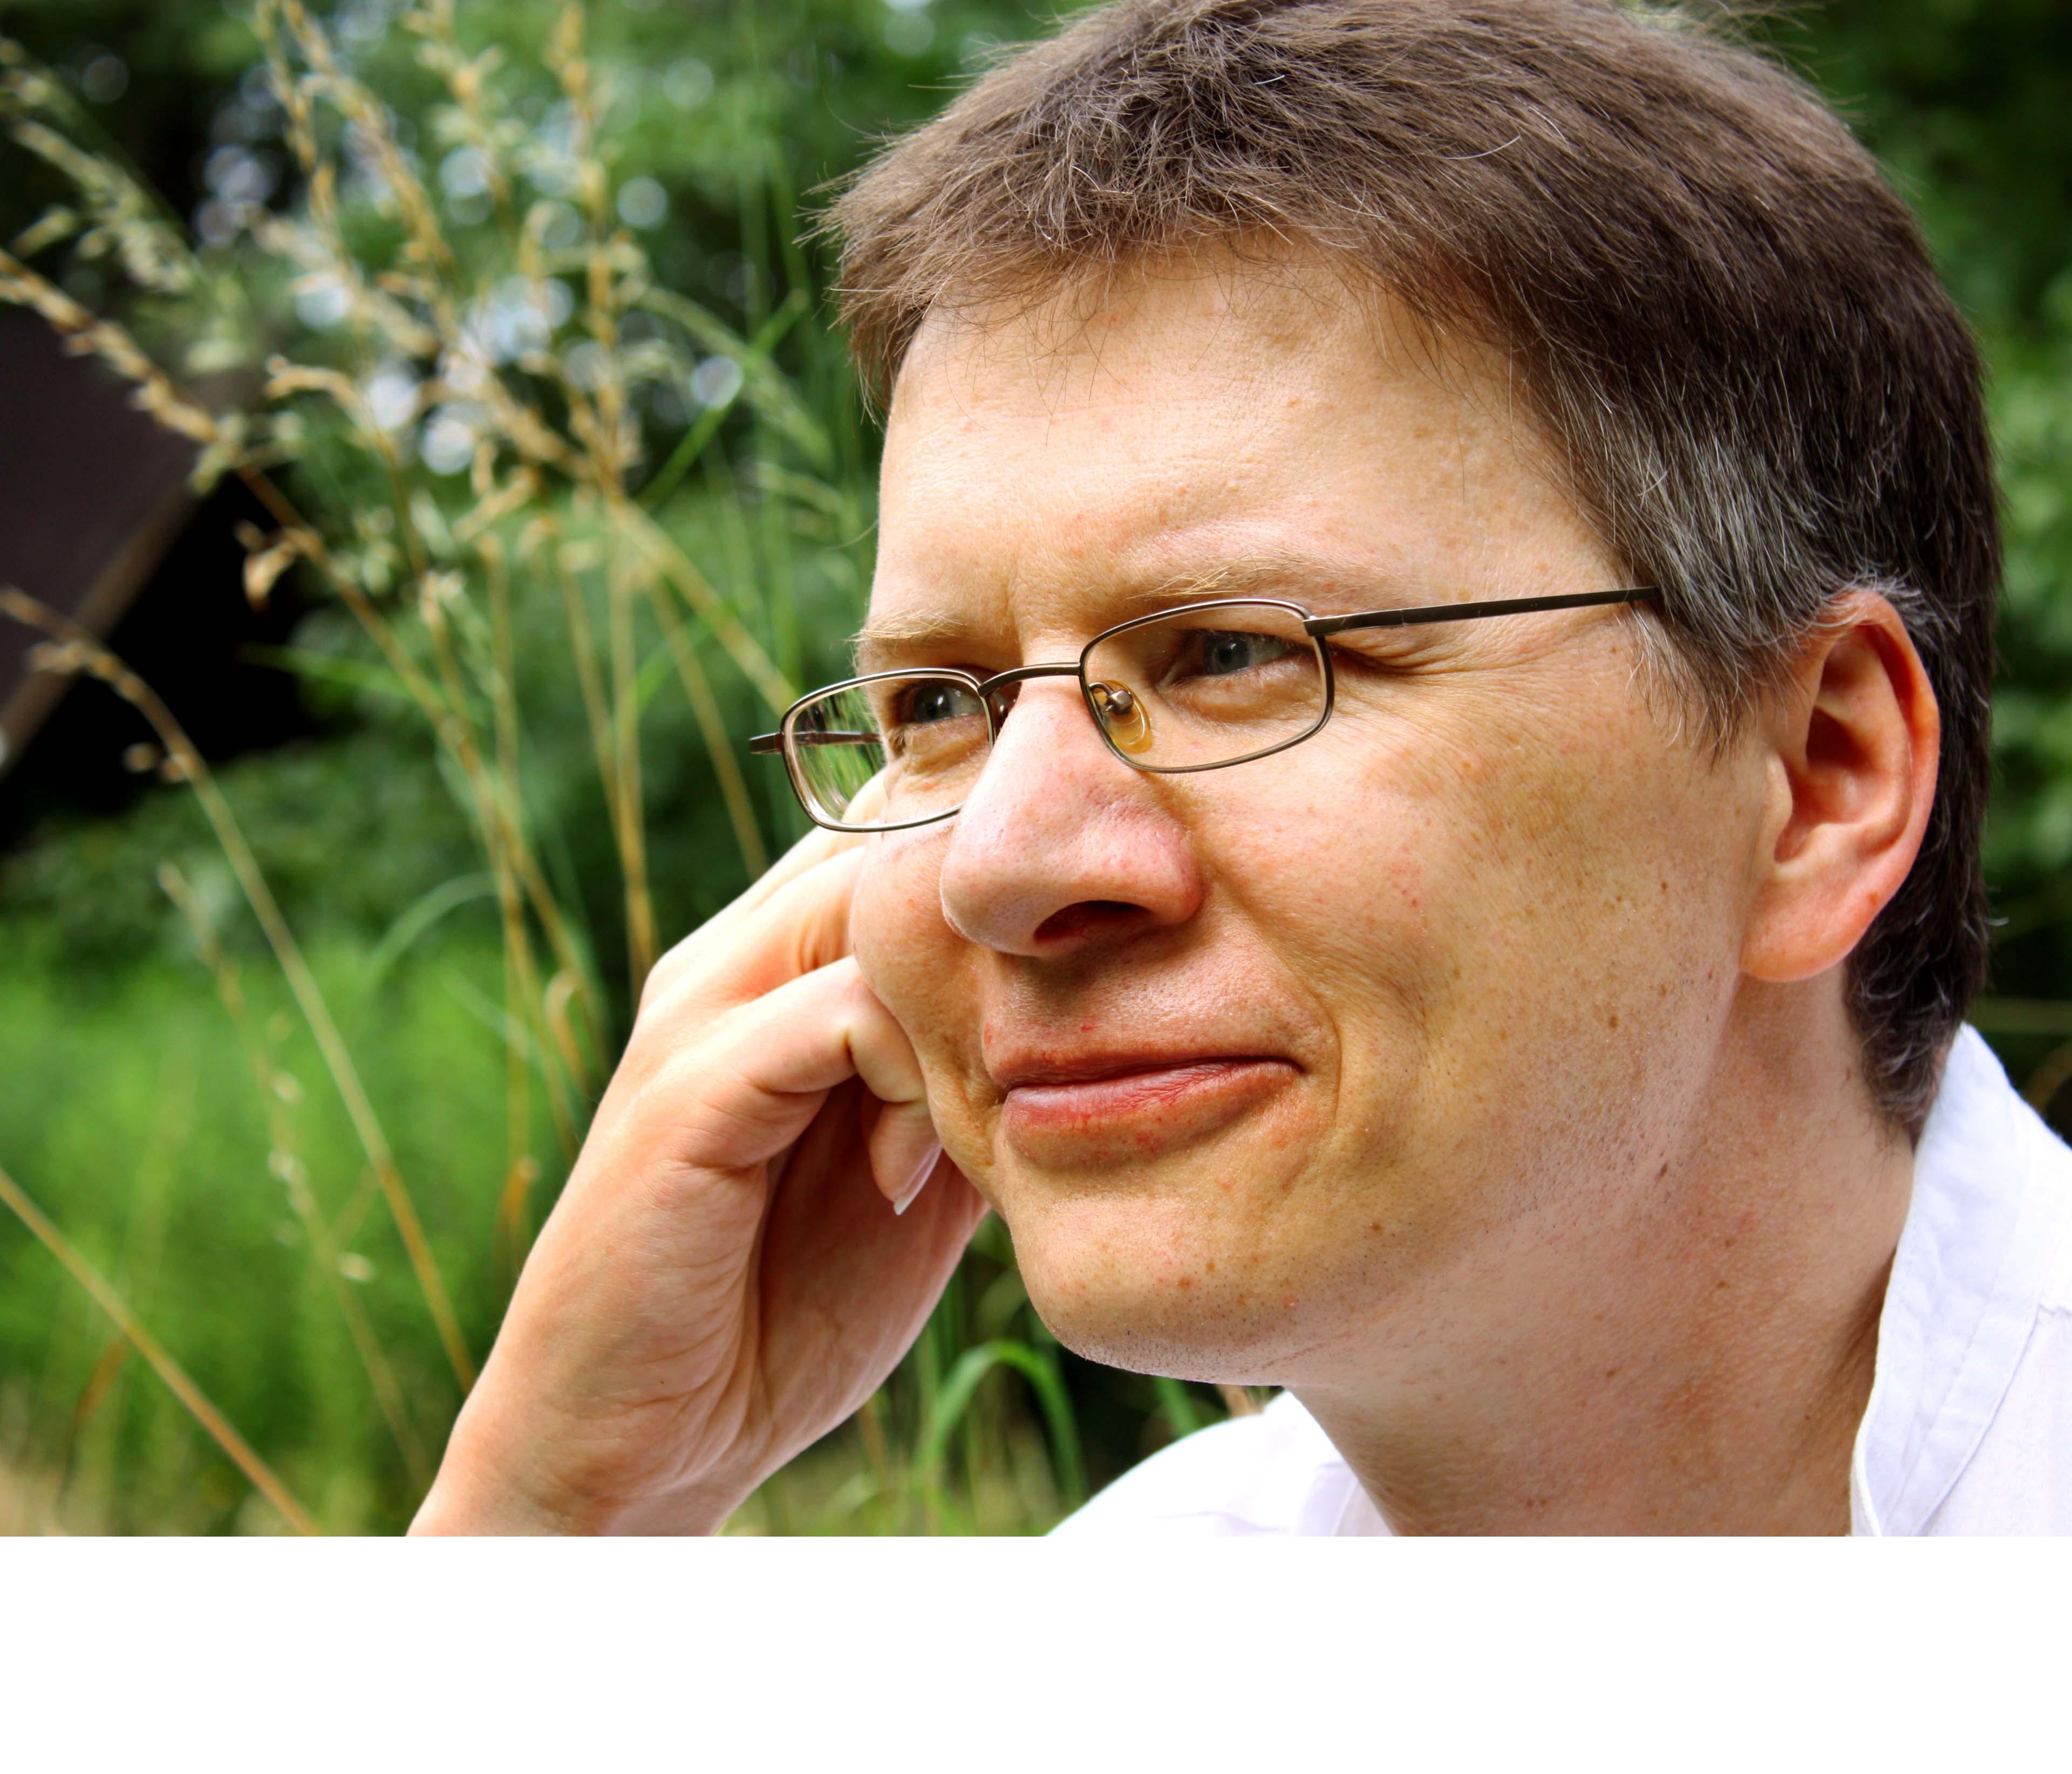 StephanSchäfer